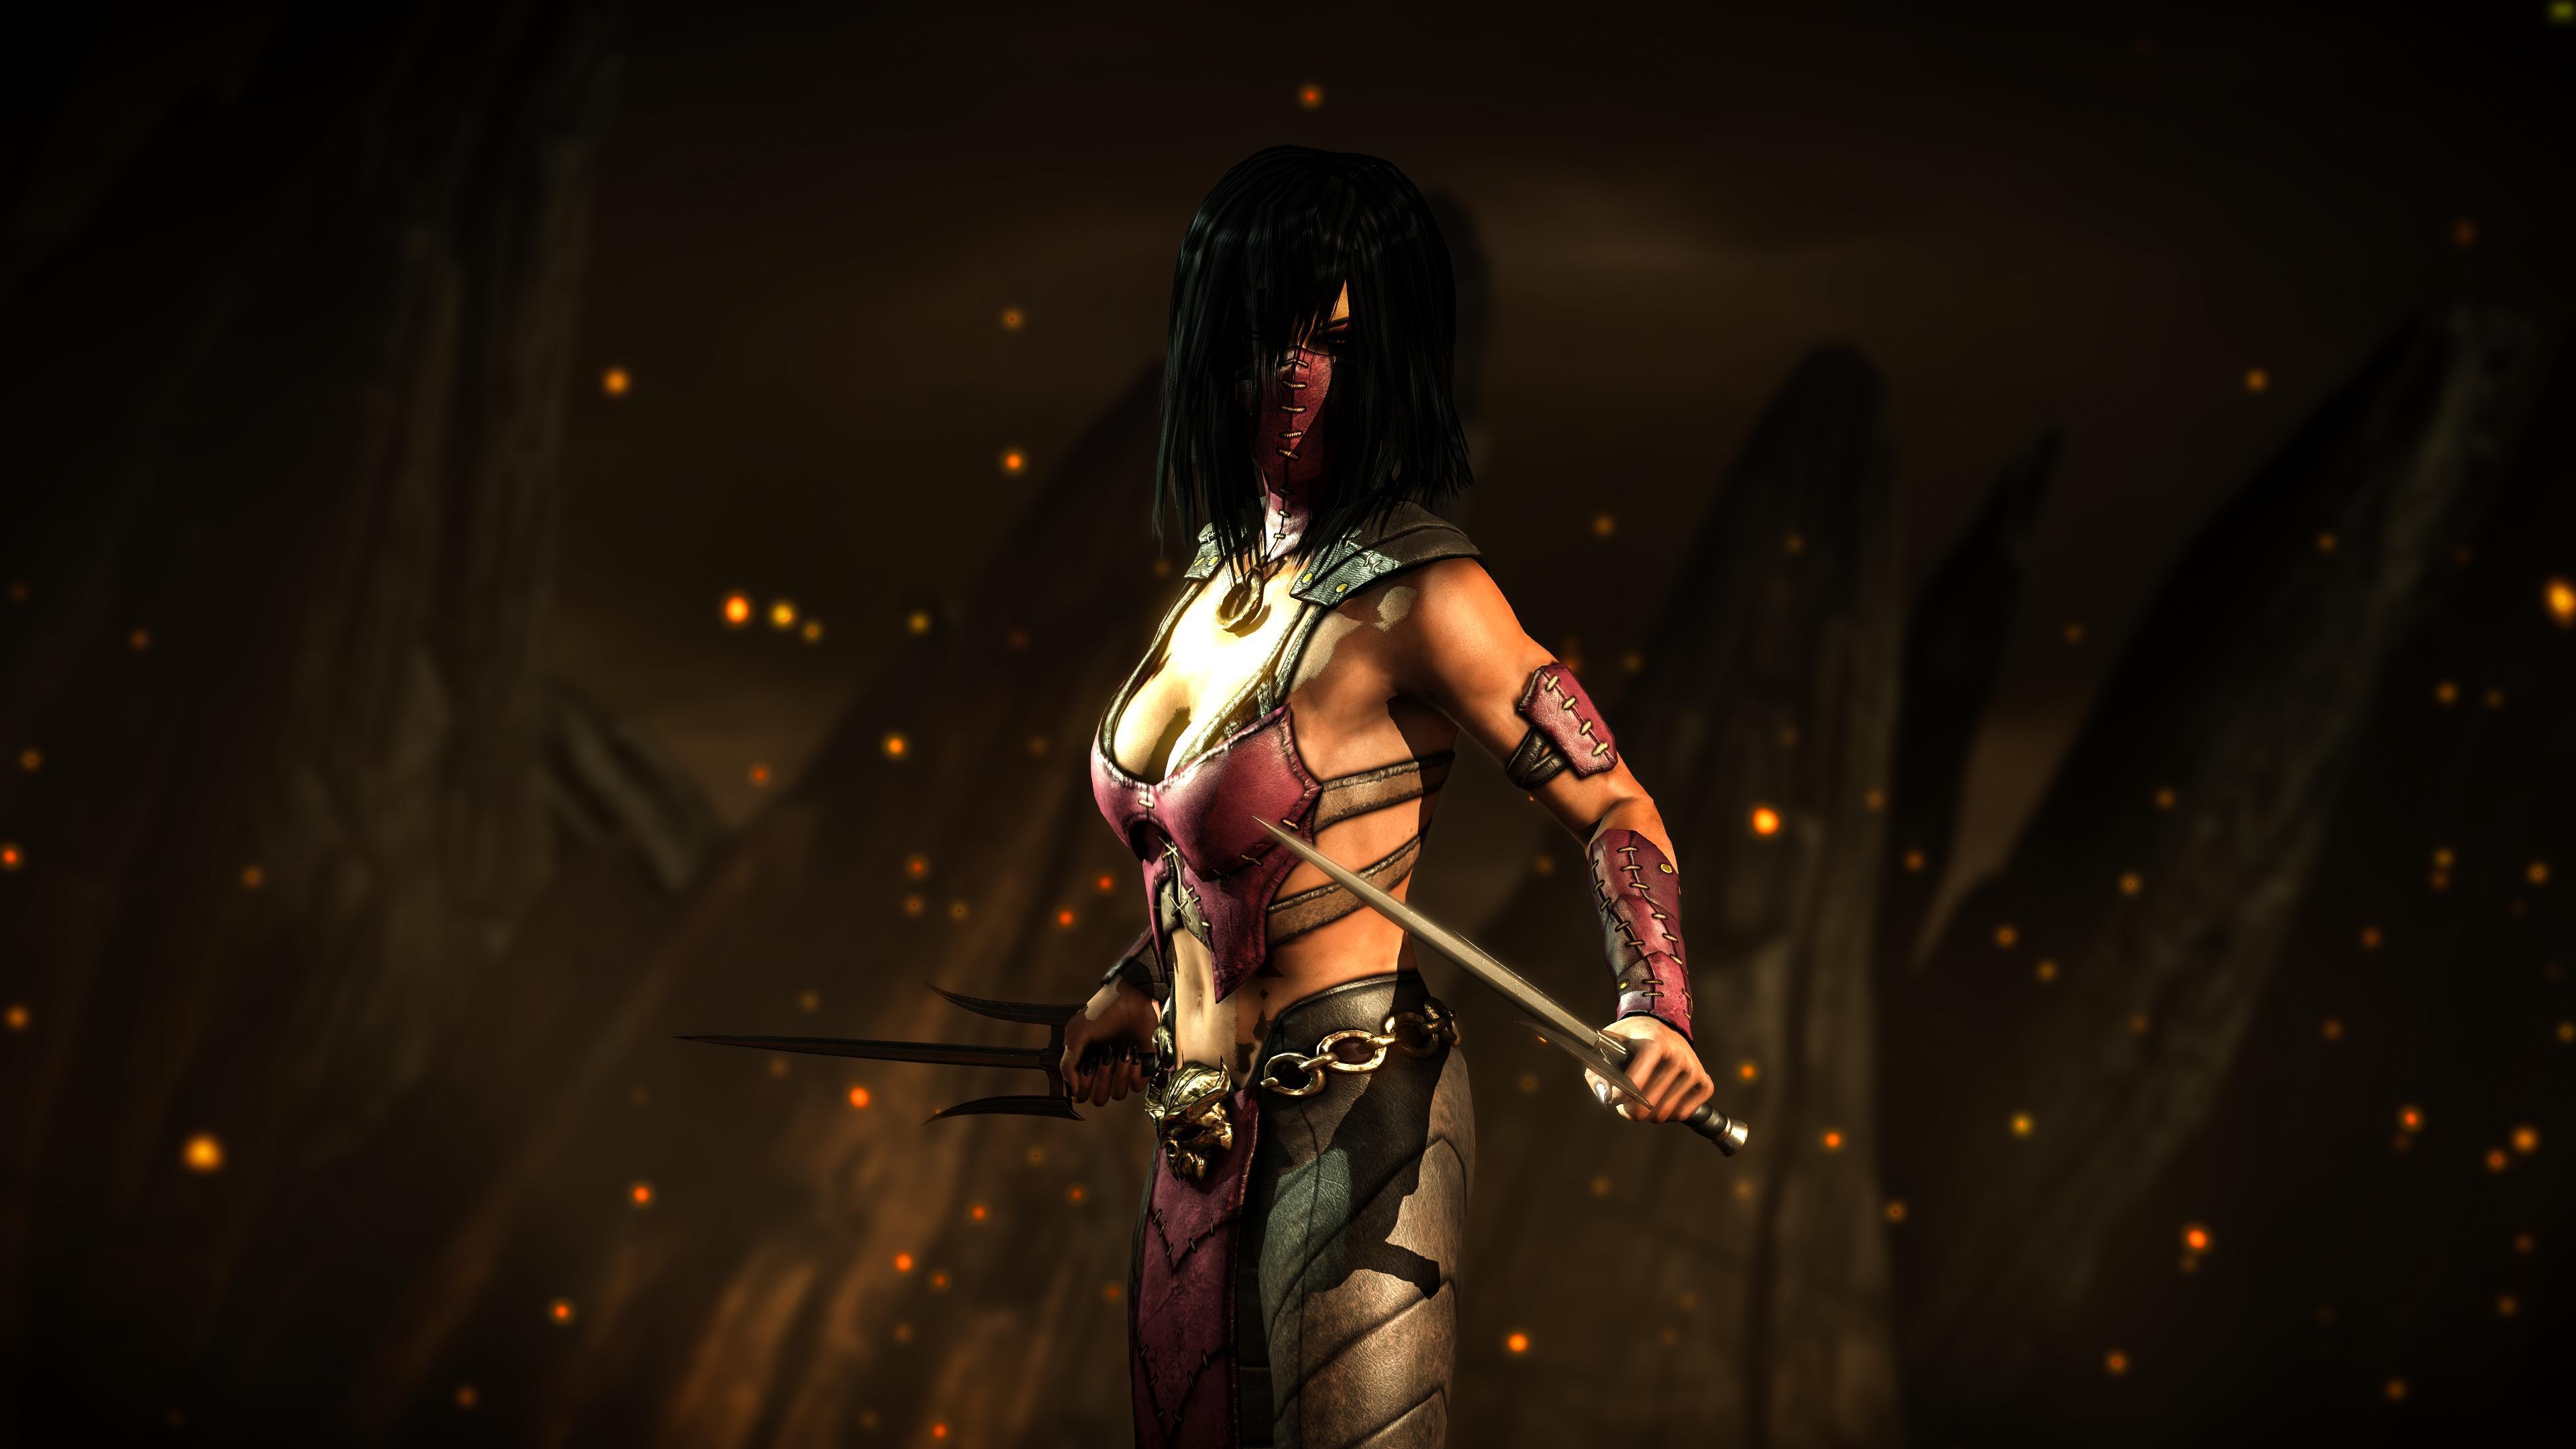 X mileena kombat Mortal Kombat